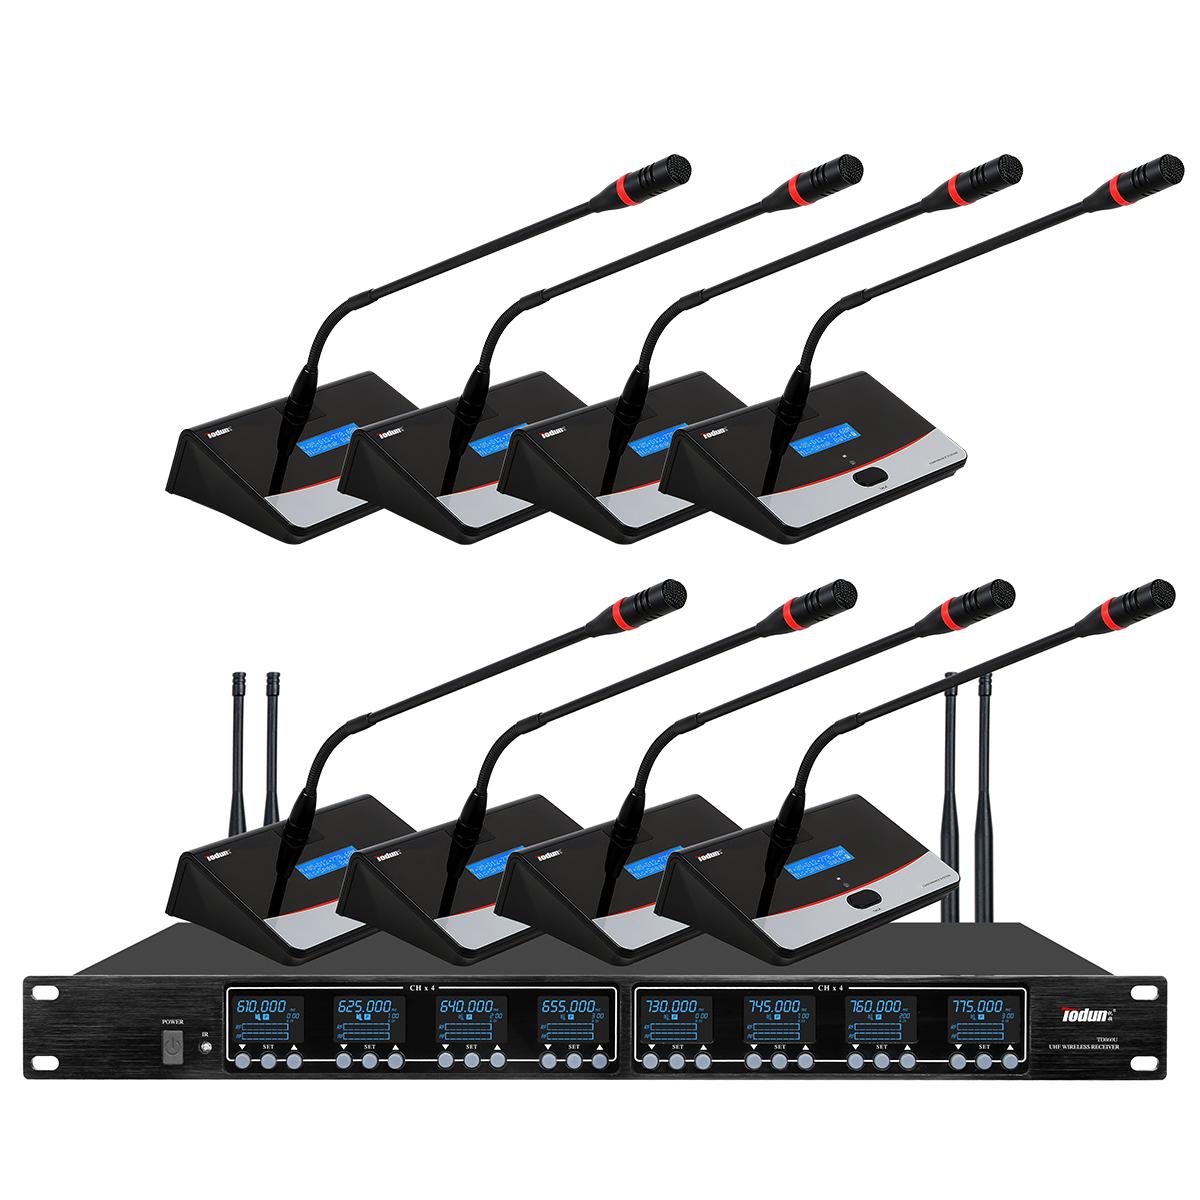 托顿TD860U 无线鹅颈话筒 U段 一拖八无线会议系统